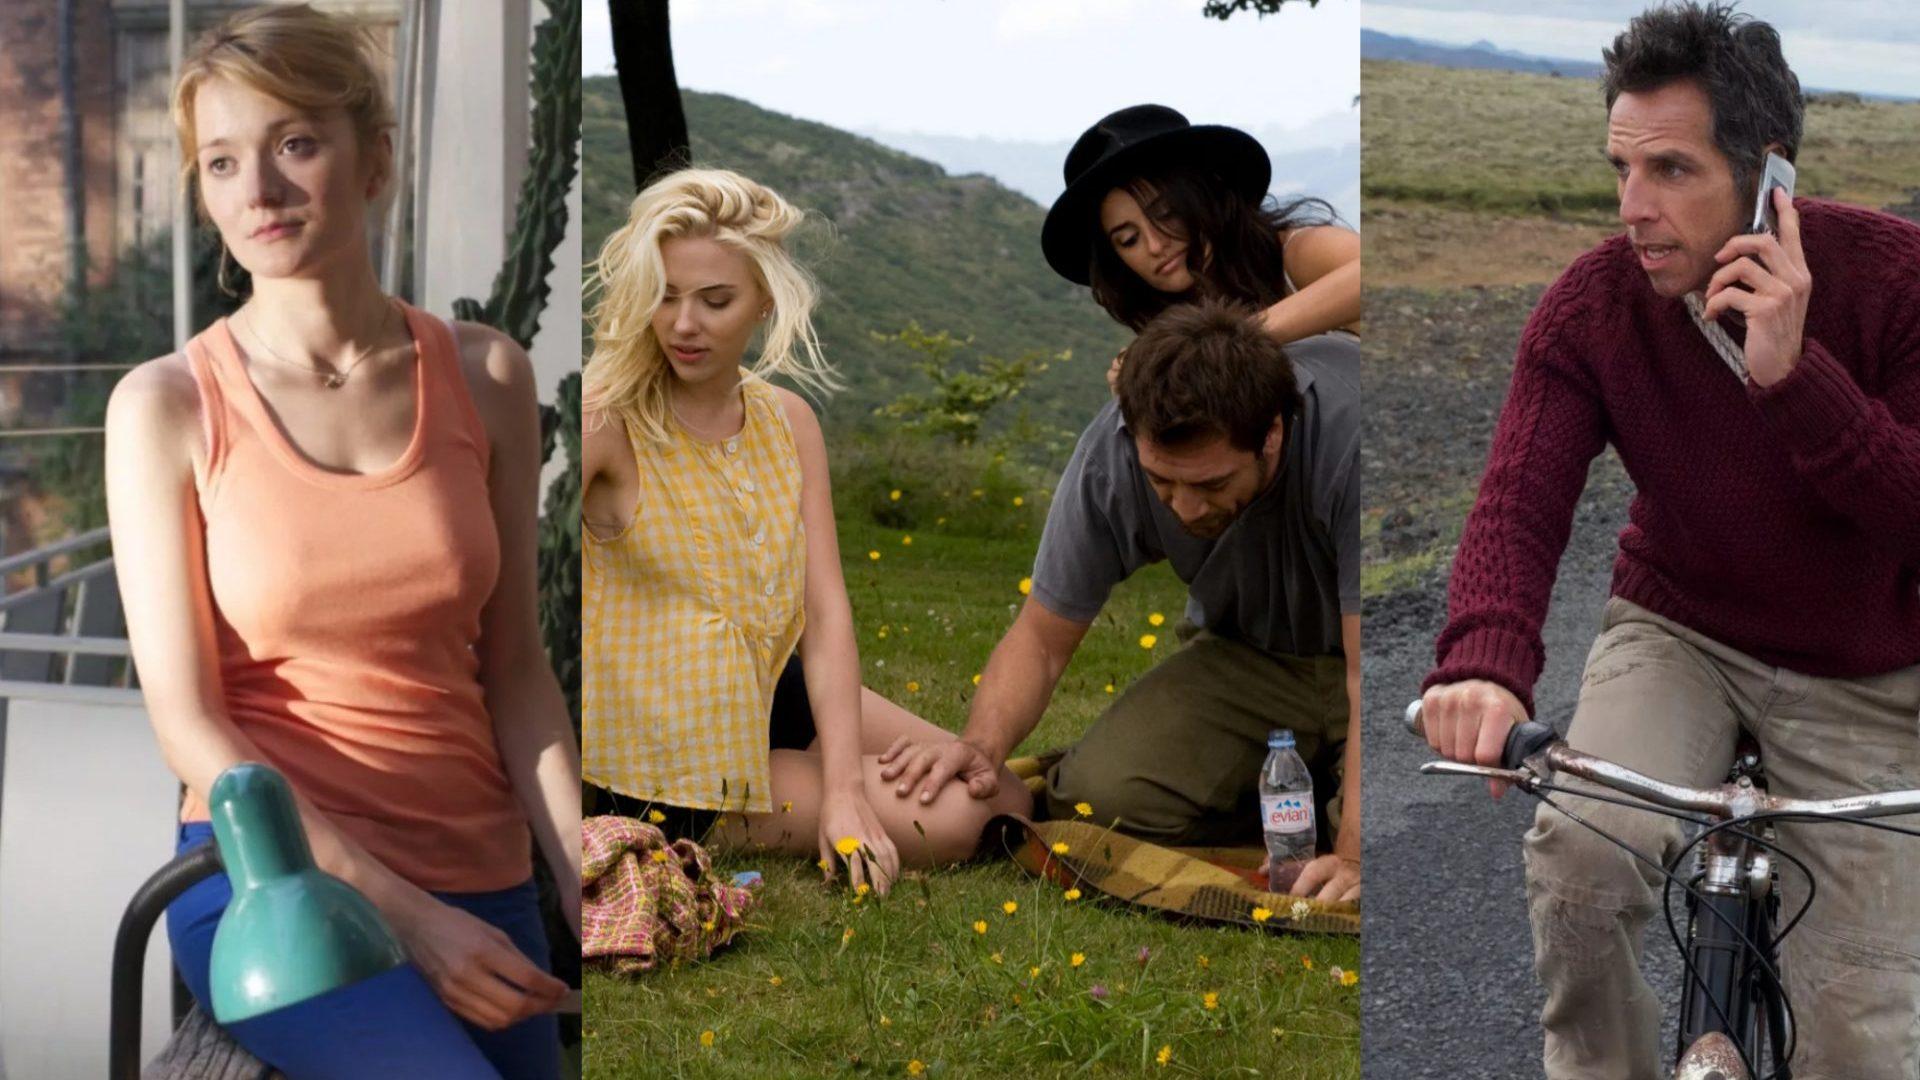 Что посмотреть летом: топ-8 вдохновляющих фильмов о путешествиях